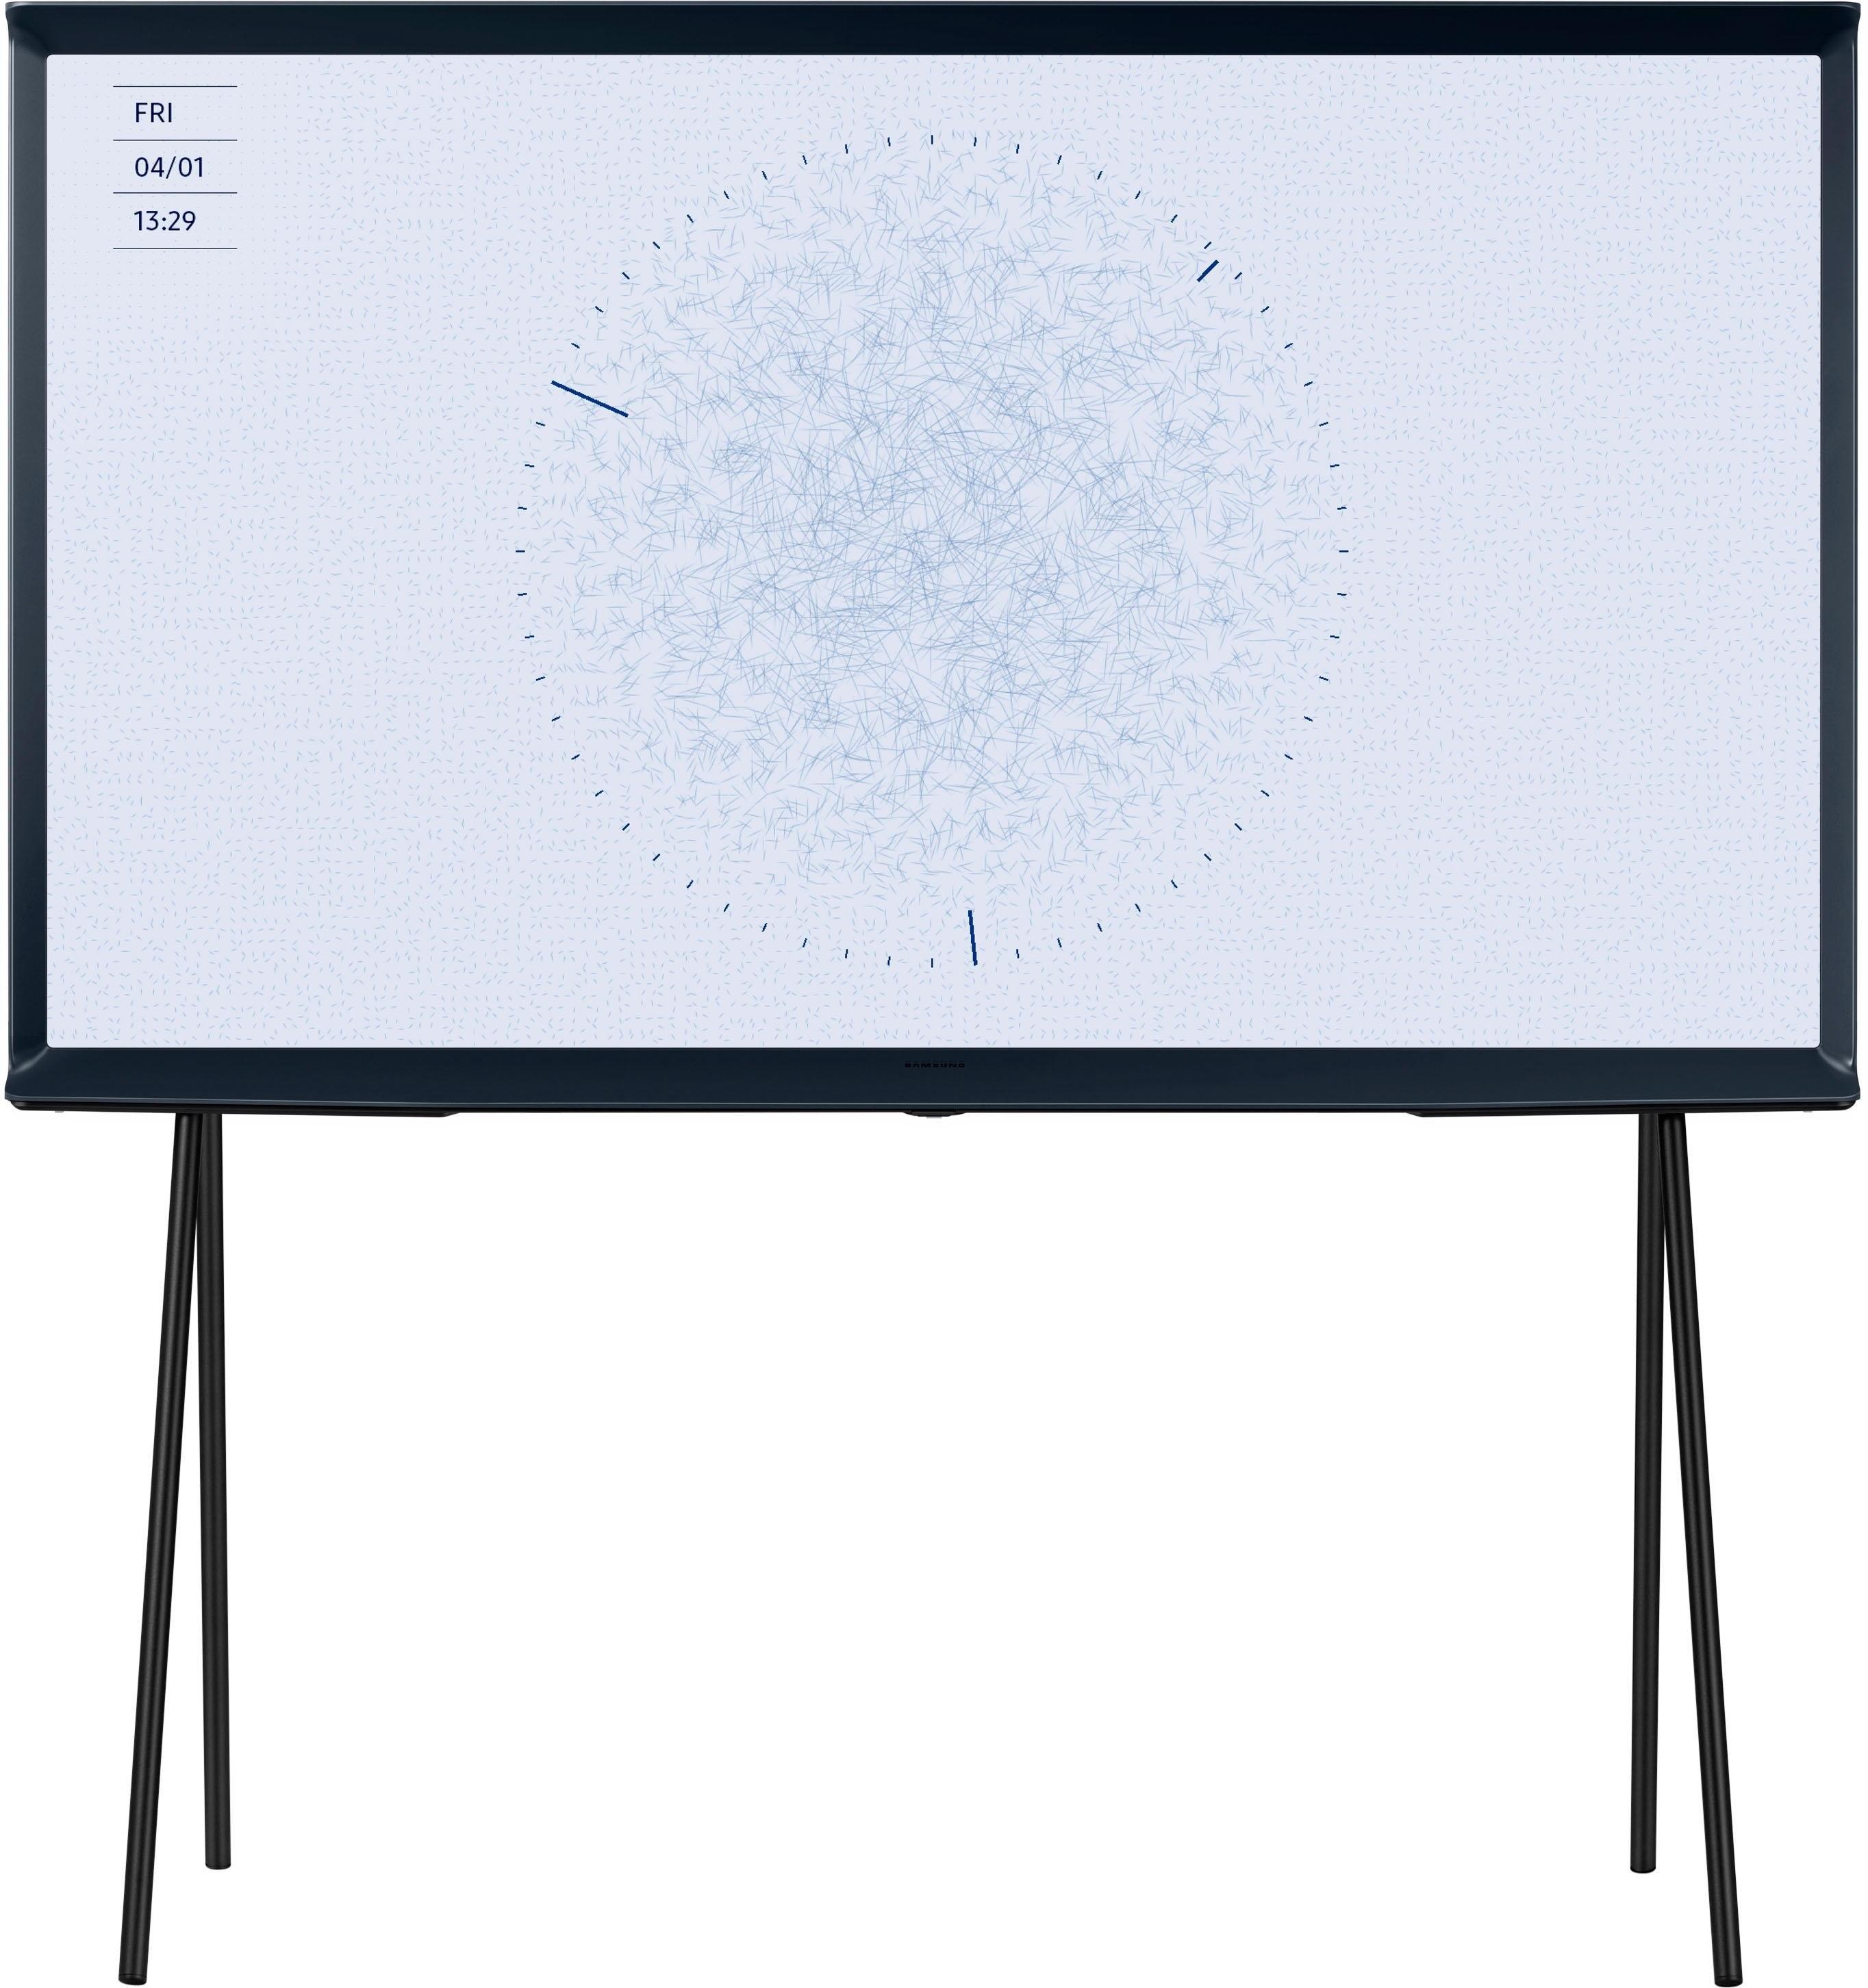 SAMSUNG Serif-TV QE49LS01RB QLED-tv (123 cm / 49 inch), 4K Ultra HD, Smart-TV nu online kopen bij OTTO